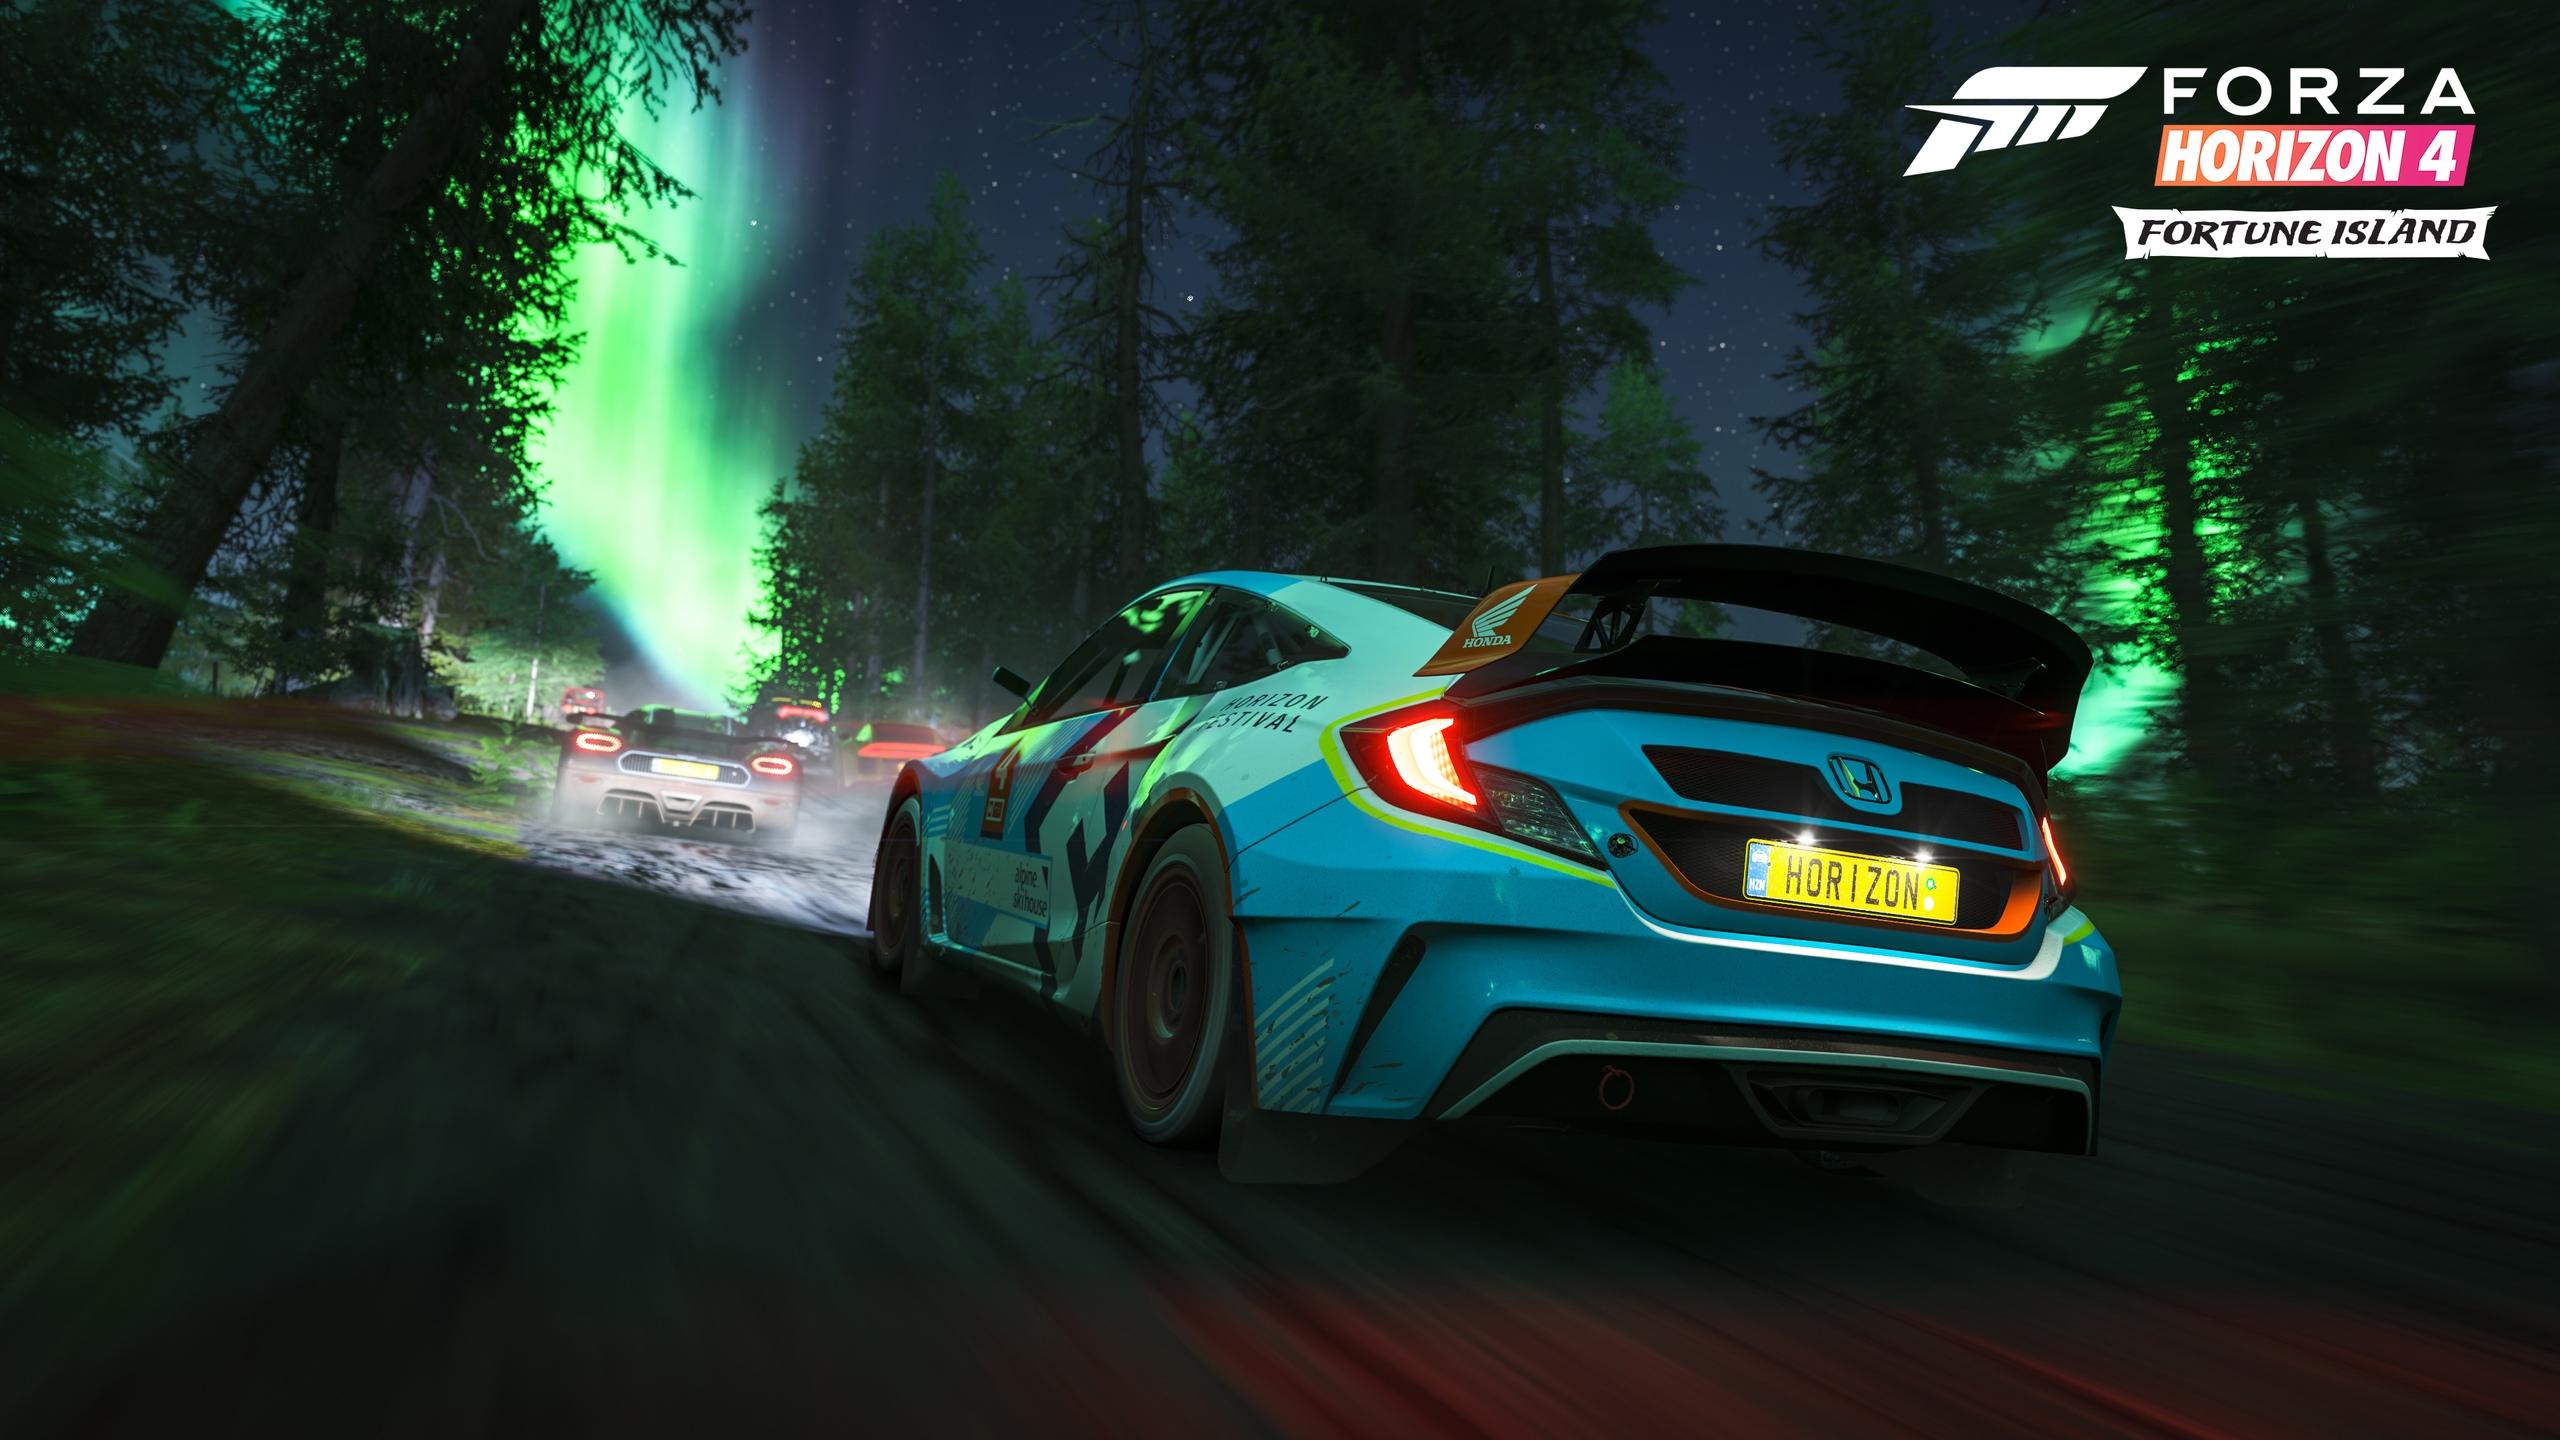 Новый трейлер и скриншоты Forza Horizon 4 – Fortune Island